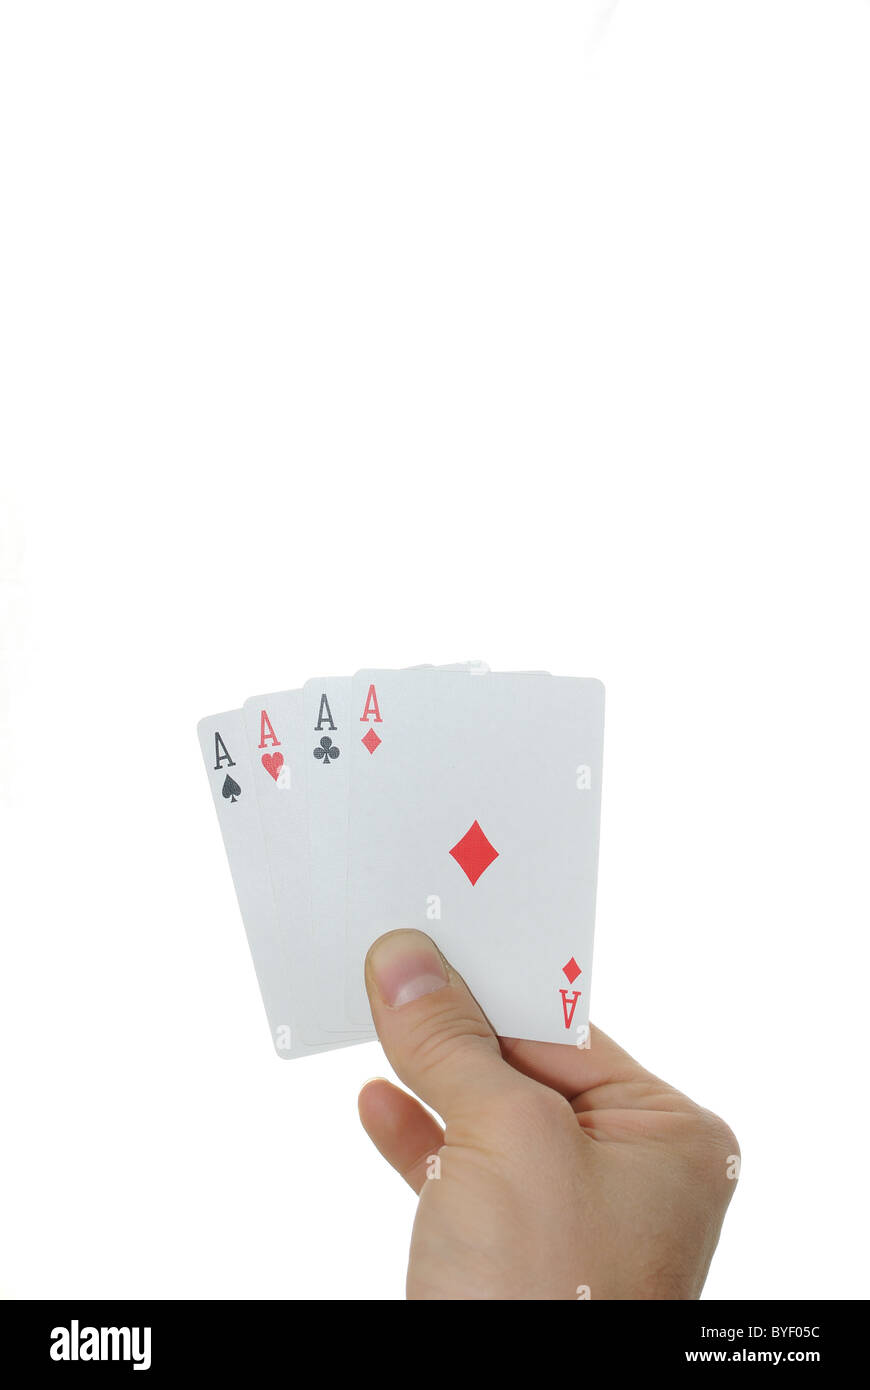 Cuatro ases en una mano aislado sobre un fondo blanco. Imagen De Stock